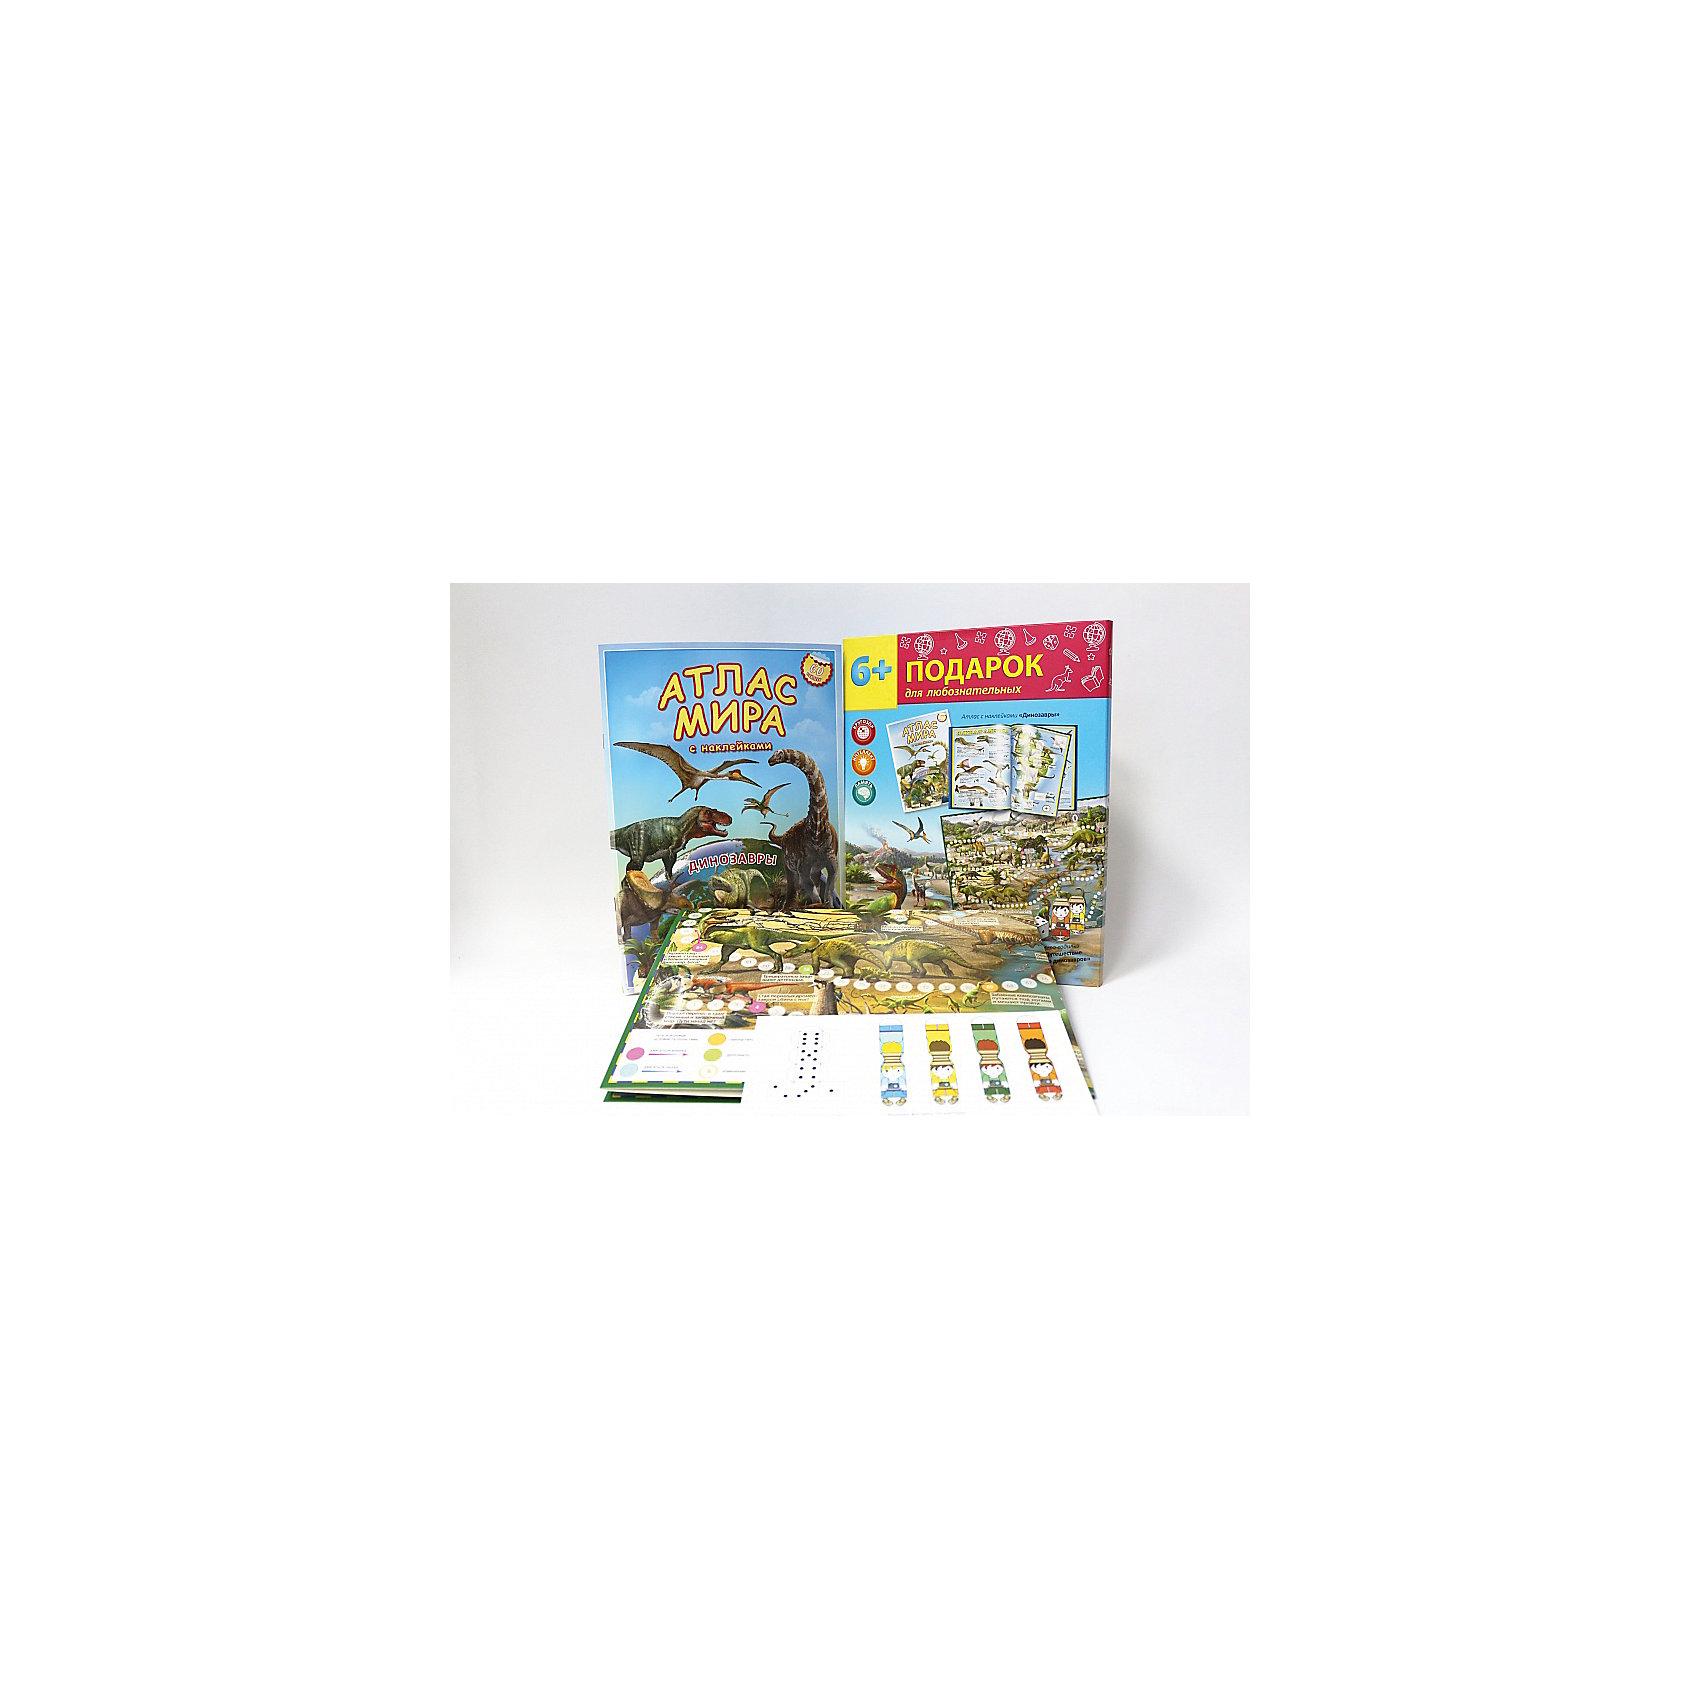 Подарок №5 Динозавры (2 предмета)Яркий и познавательный комплект:  Игра-ходилка «Путешествие в мир динозавров» и Атлас мира «Динозавры» с наклейками — прекрасный подарок для любознательных детей.<br>Играя в путешествие, ребёнок переносится через портал времени в удивительный мир динозавров, где случаются забавные и даже опасные игровые приключения — так происходит знакомство с доисторическим  окружающим миром.<br>В Атласе ребёнок найдёт красочные изображения динозавров и других доисторических животных. Интересные энциклопедические сведения сопровождают иллюстрации и гарантируют захватывающее чтение. Представленные наклейки закрепят знания детей, потренируют память и воображение.<br><br>Ширина мм: 300<br>Глубина мм: 225<br>Высота мм: 10<br>Вес г: 290<br>Возраст от месяцев: 72<br>Возраст до месяцев: 108<br>Пол: Унисекс<br>Возраст: Детский<br>SKU: 5422968